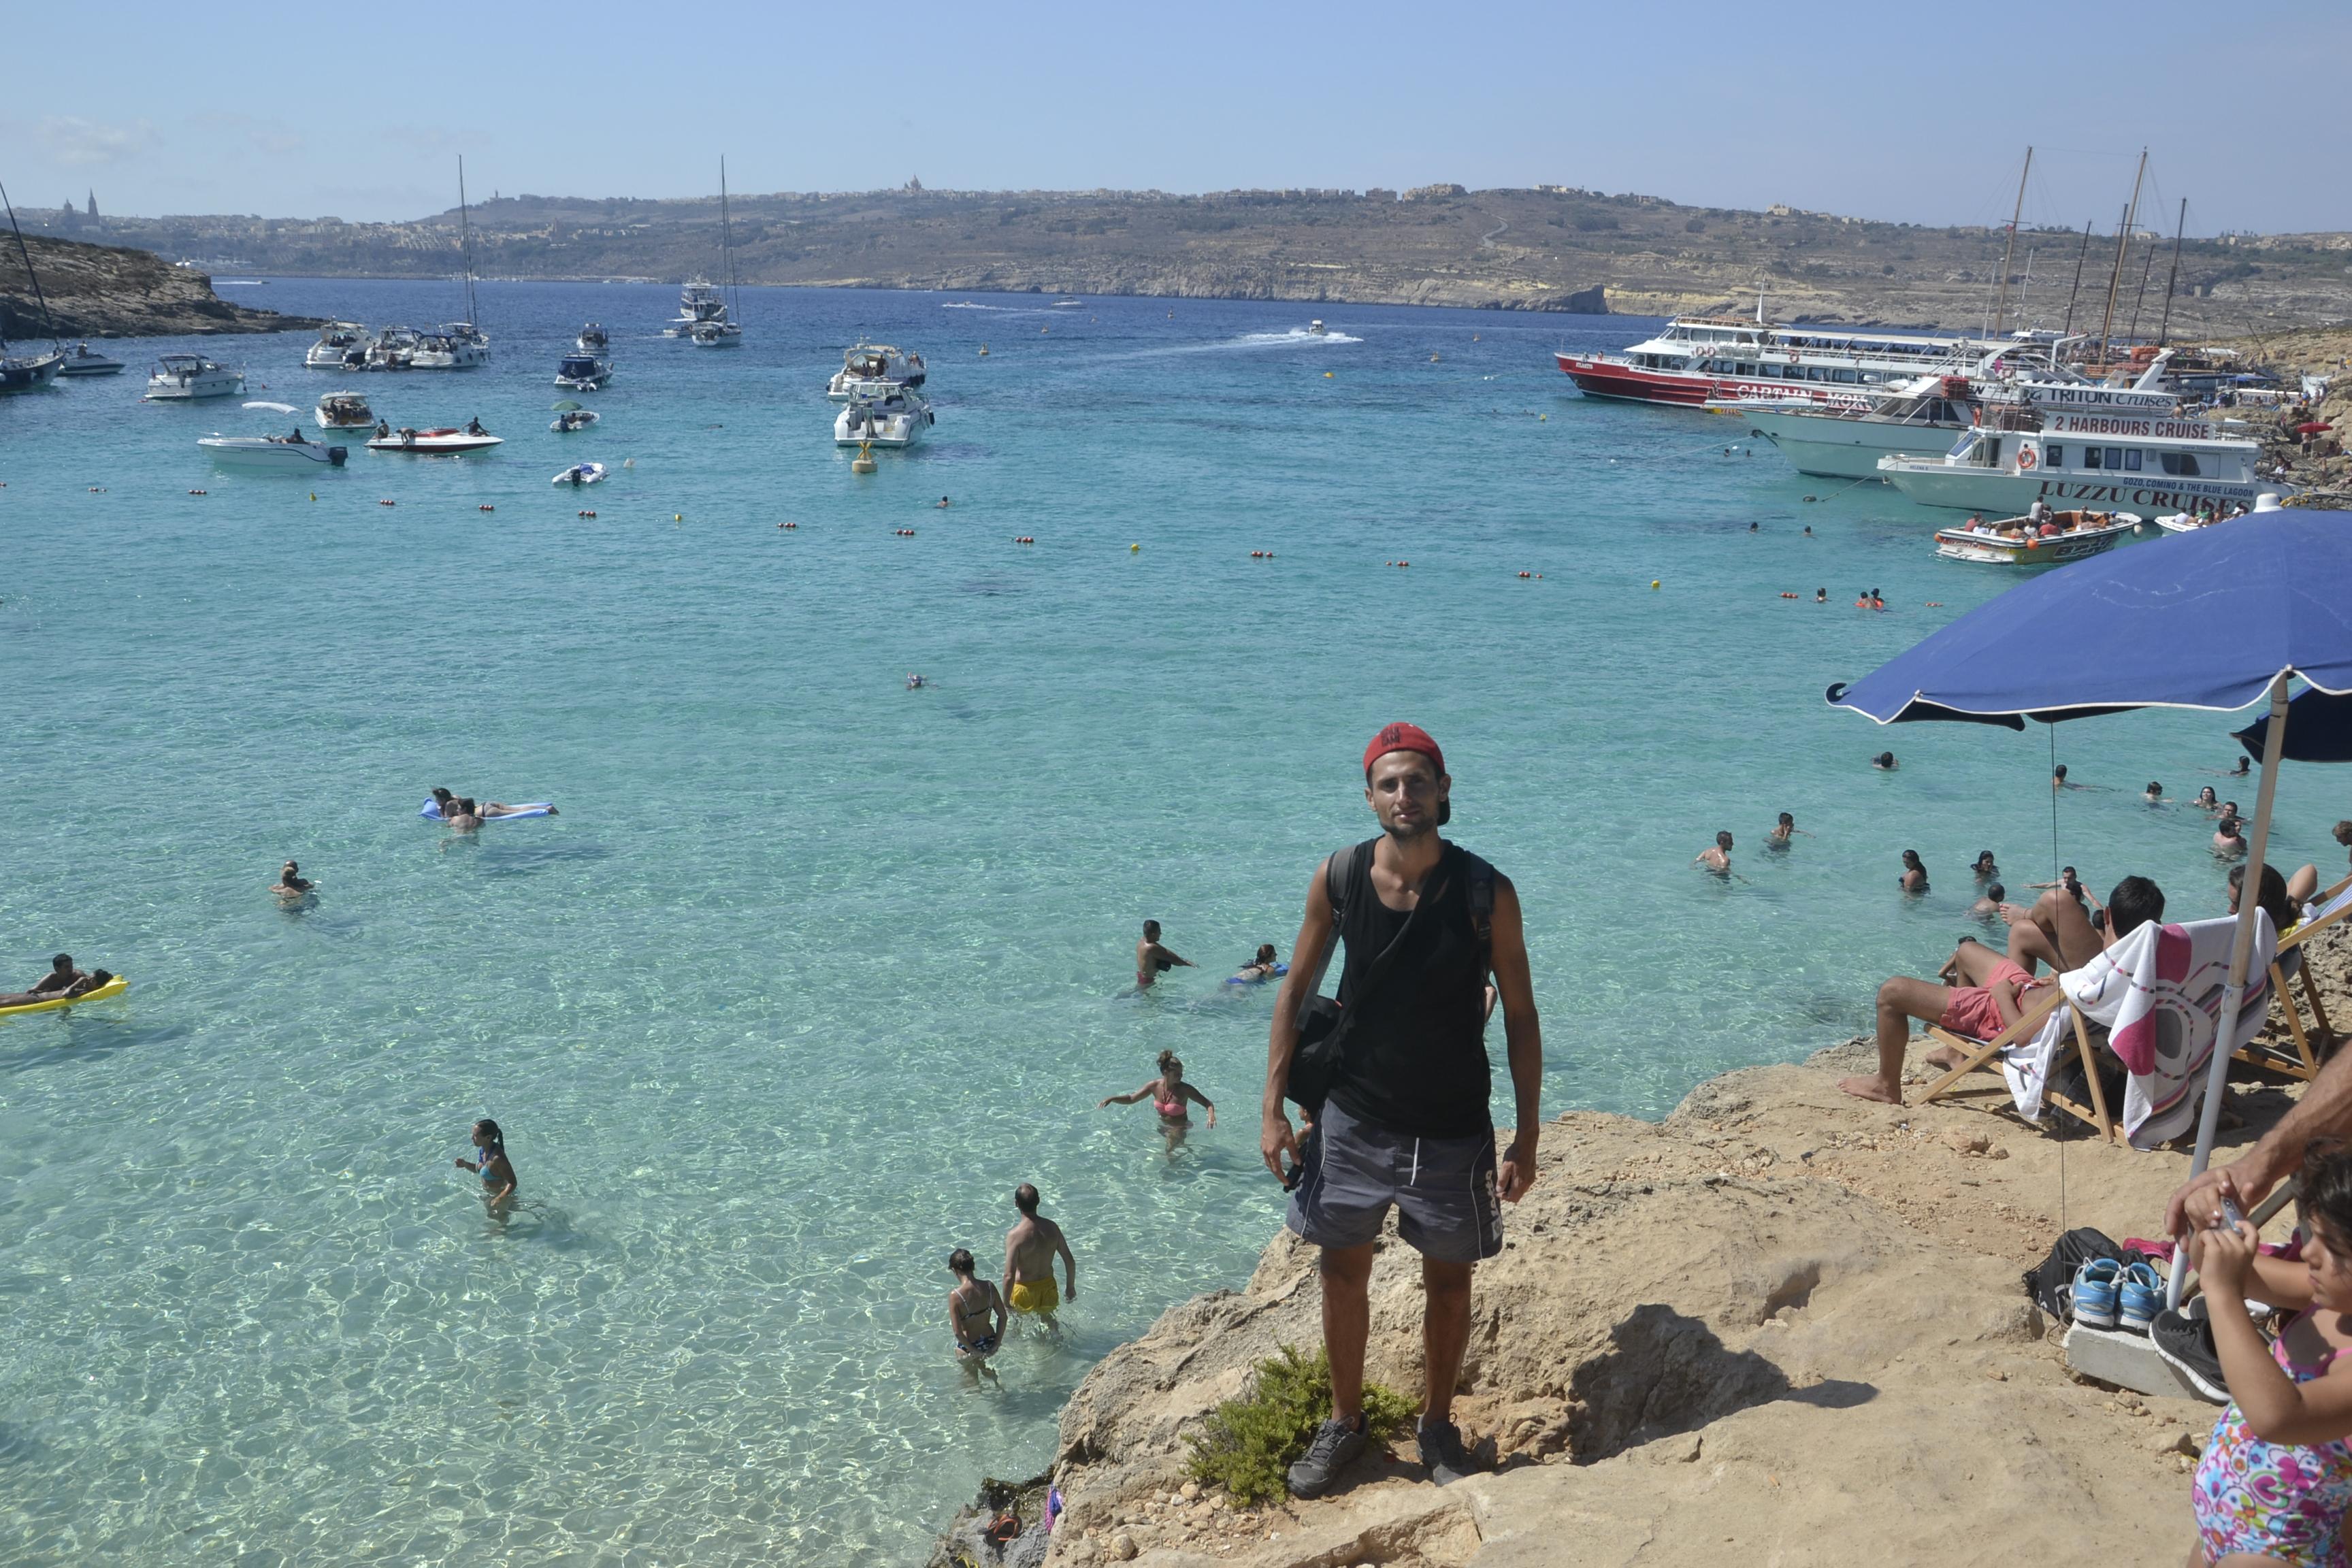 Malta Cartina Stradale.Le Cartine Di Malta Per Orientarsi Nell Isola Guida Di Malta